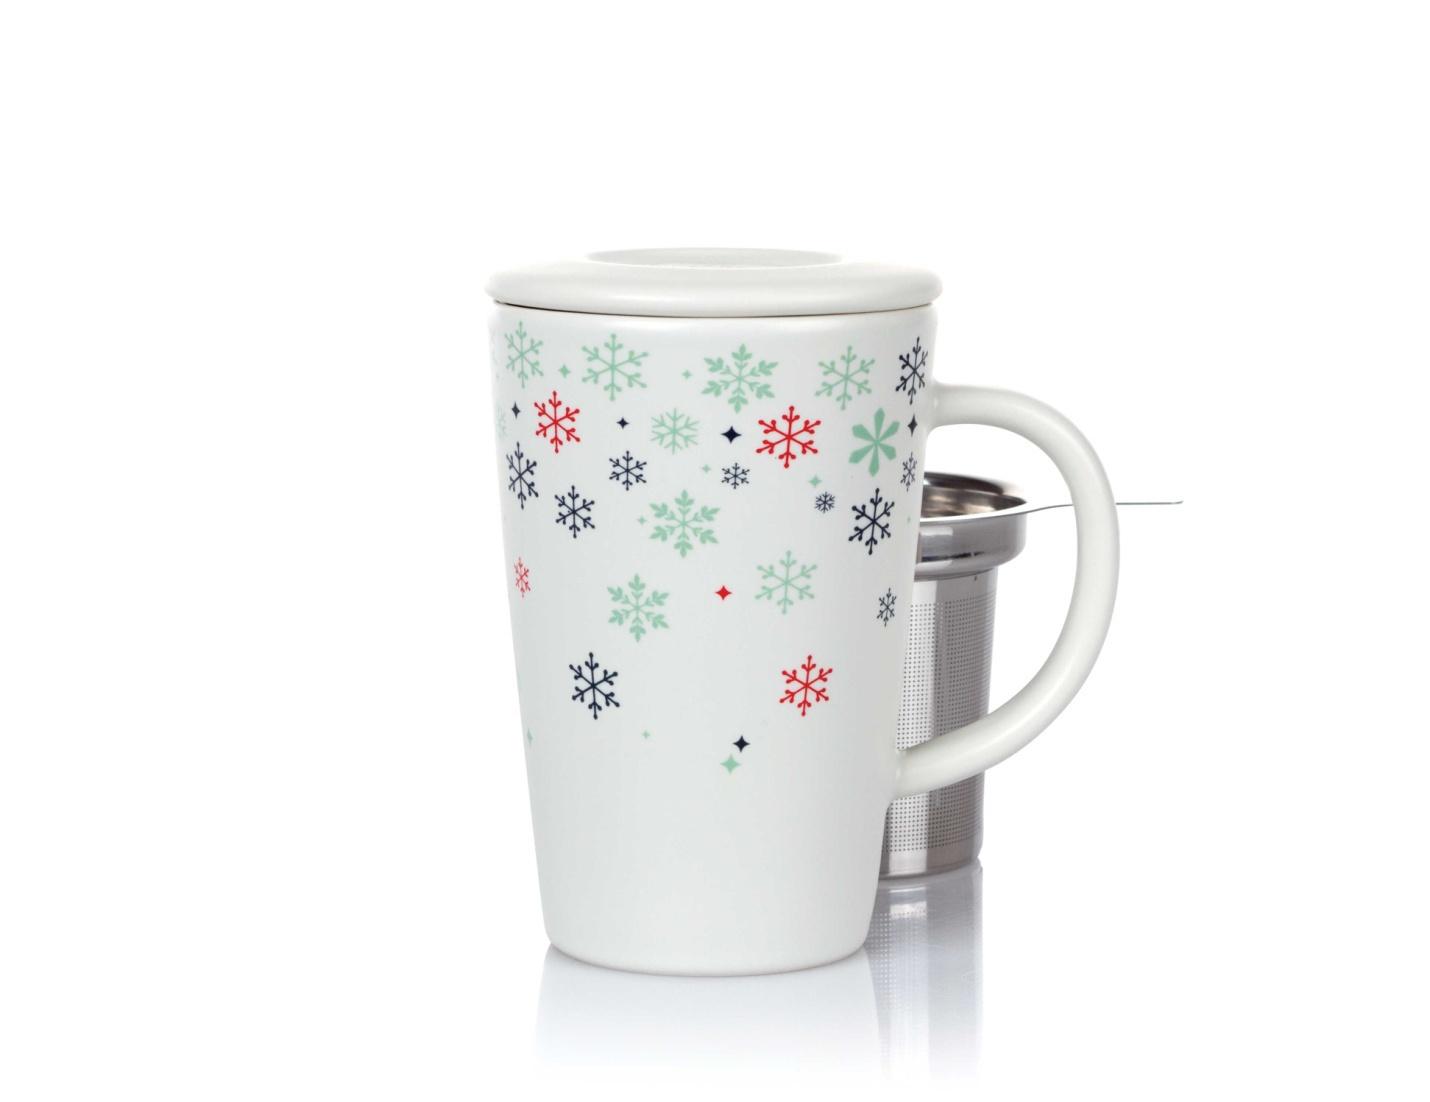 DavidsTea mug with infuser